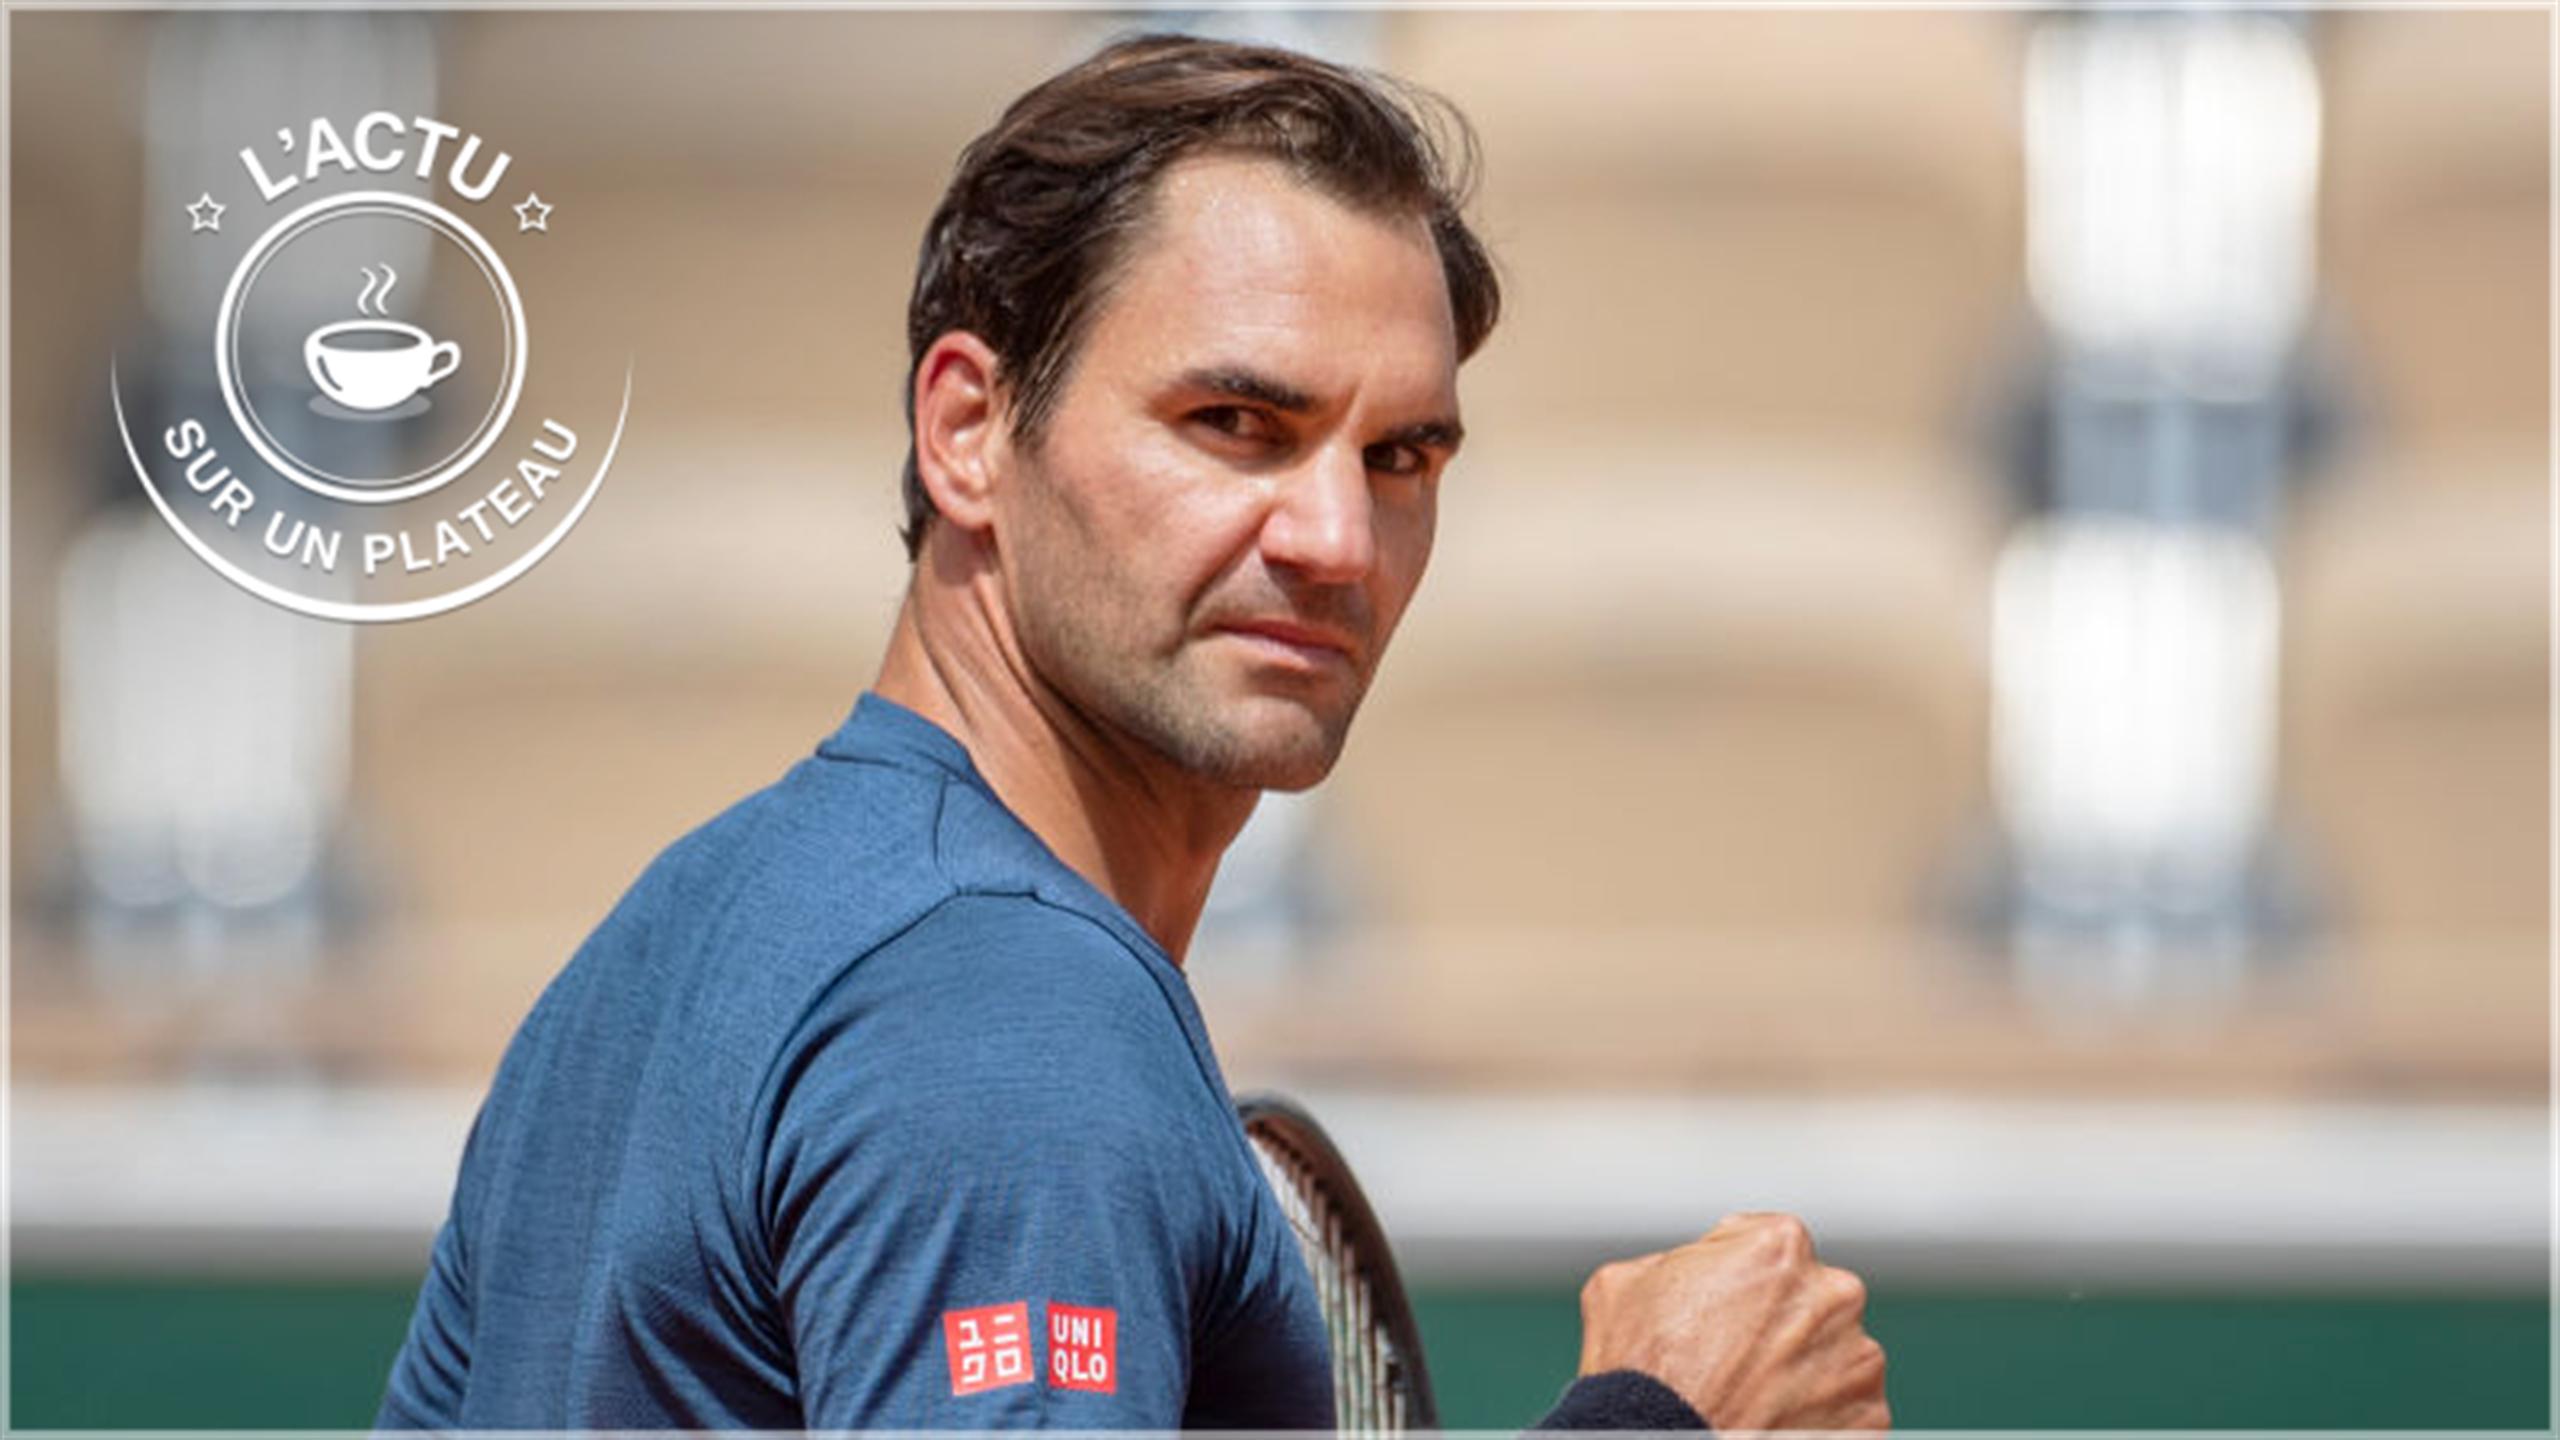 Retour de Federer, déception de Brest, Bleuets en quart : L'actu sur un plateau du 31 mai 2021